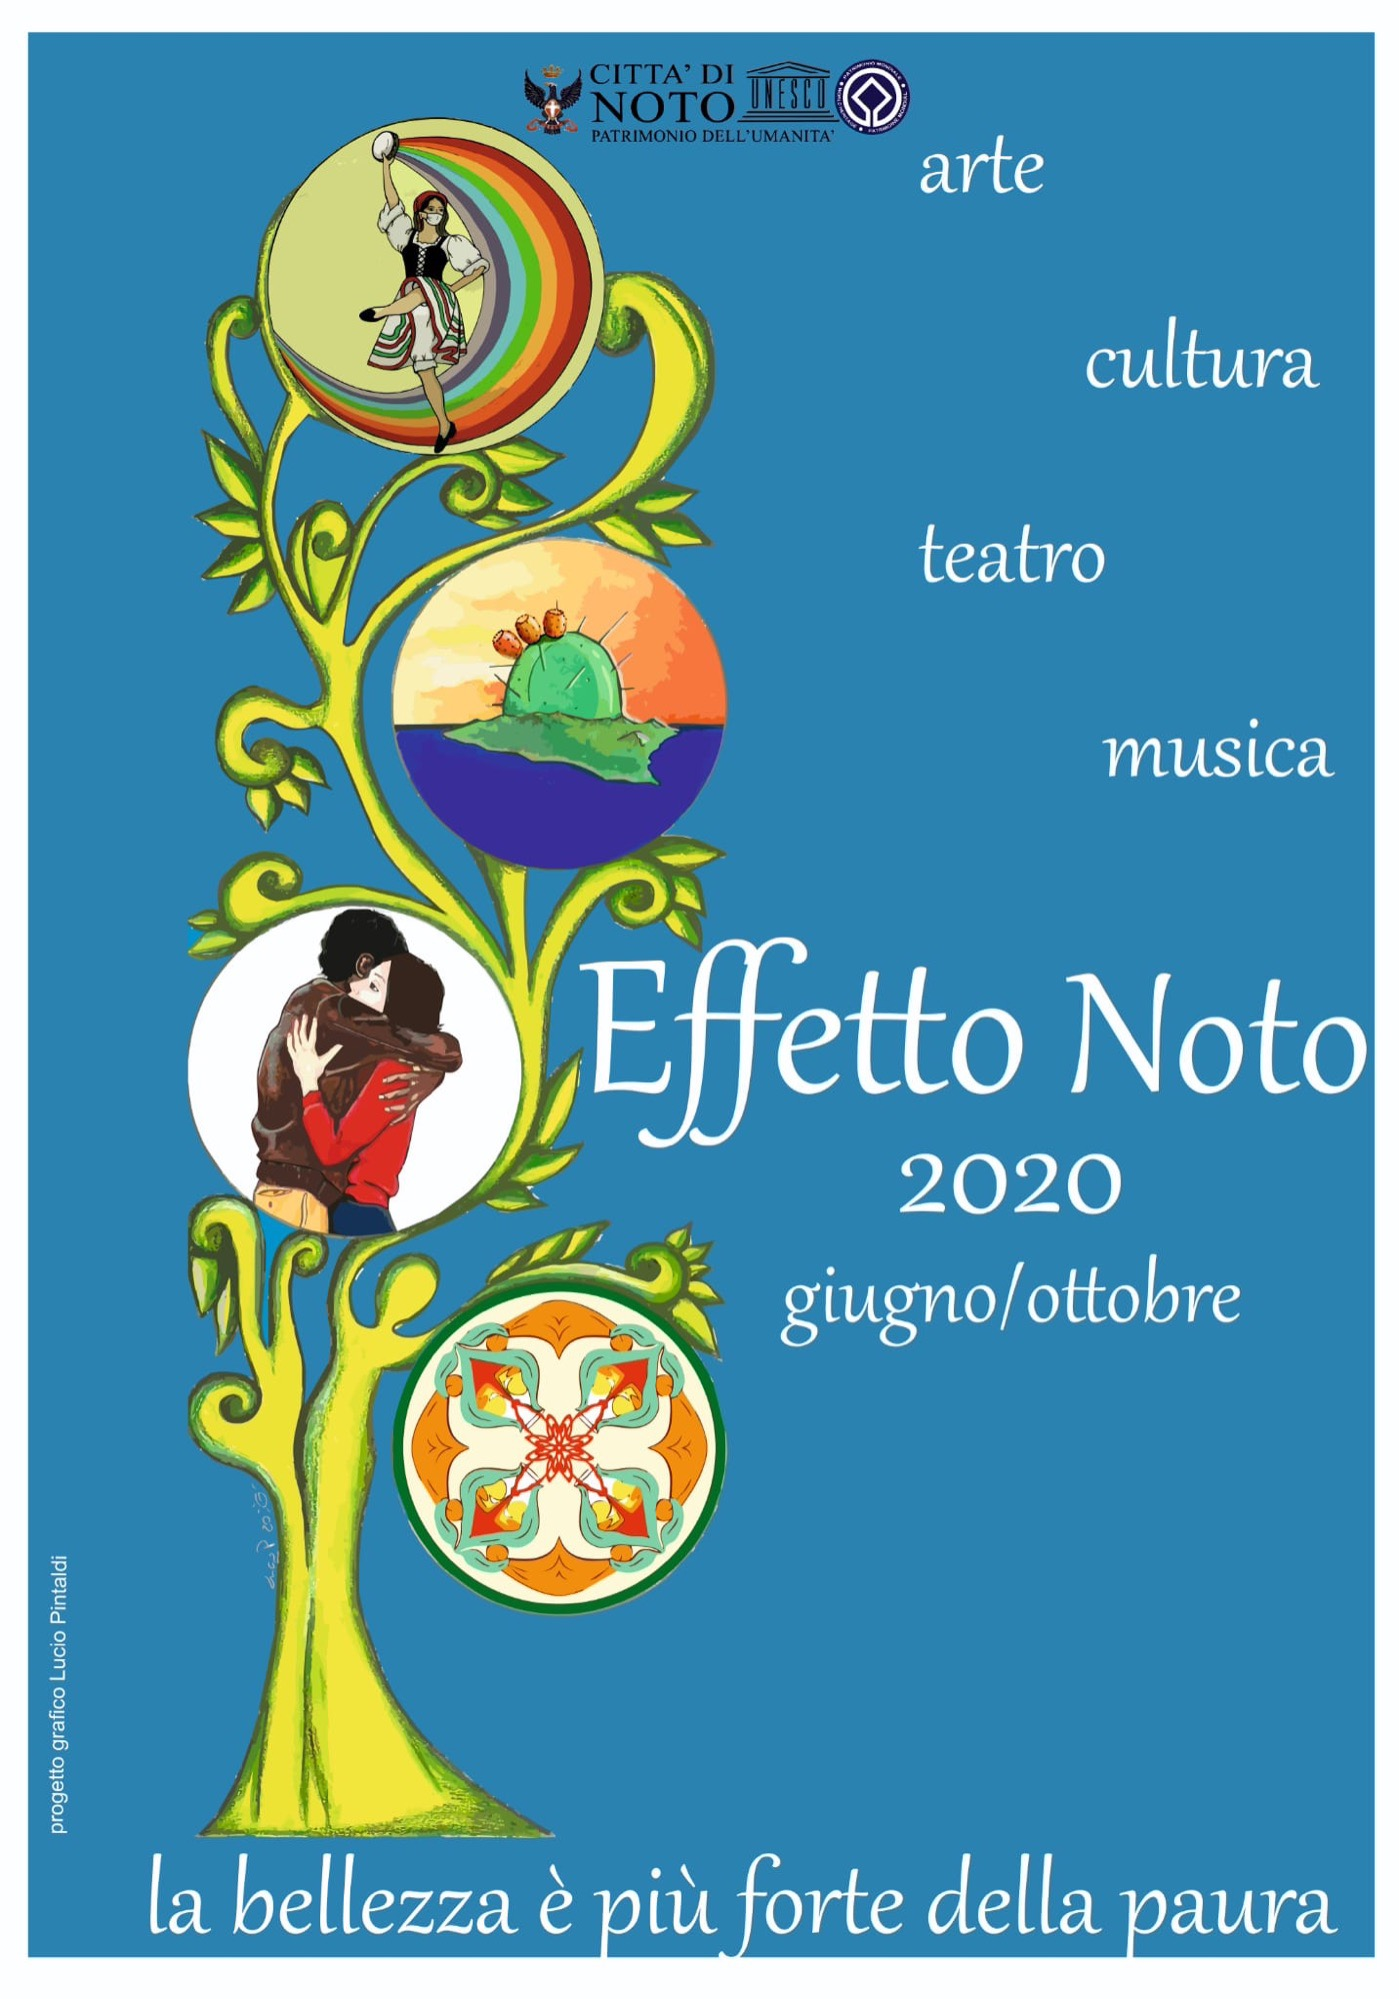 Codex Festival 2020, Vol. 8: i nuovi linguaggi dell'arte a Noto